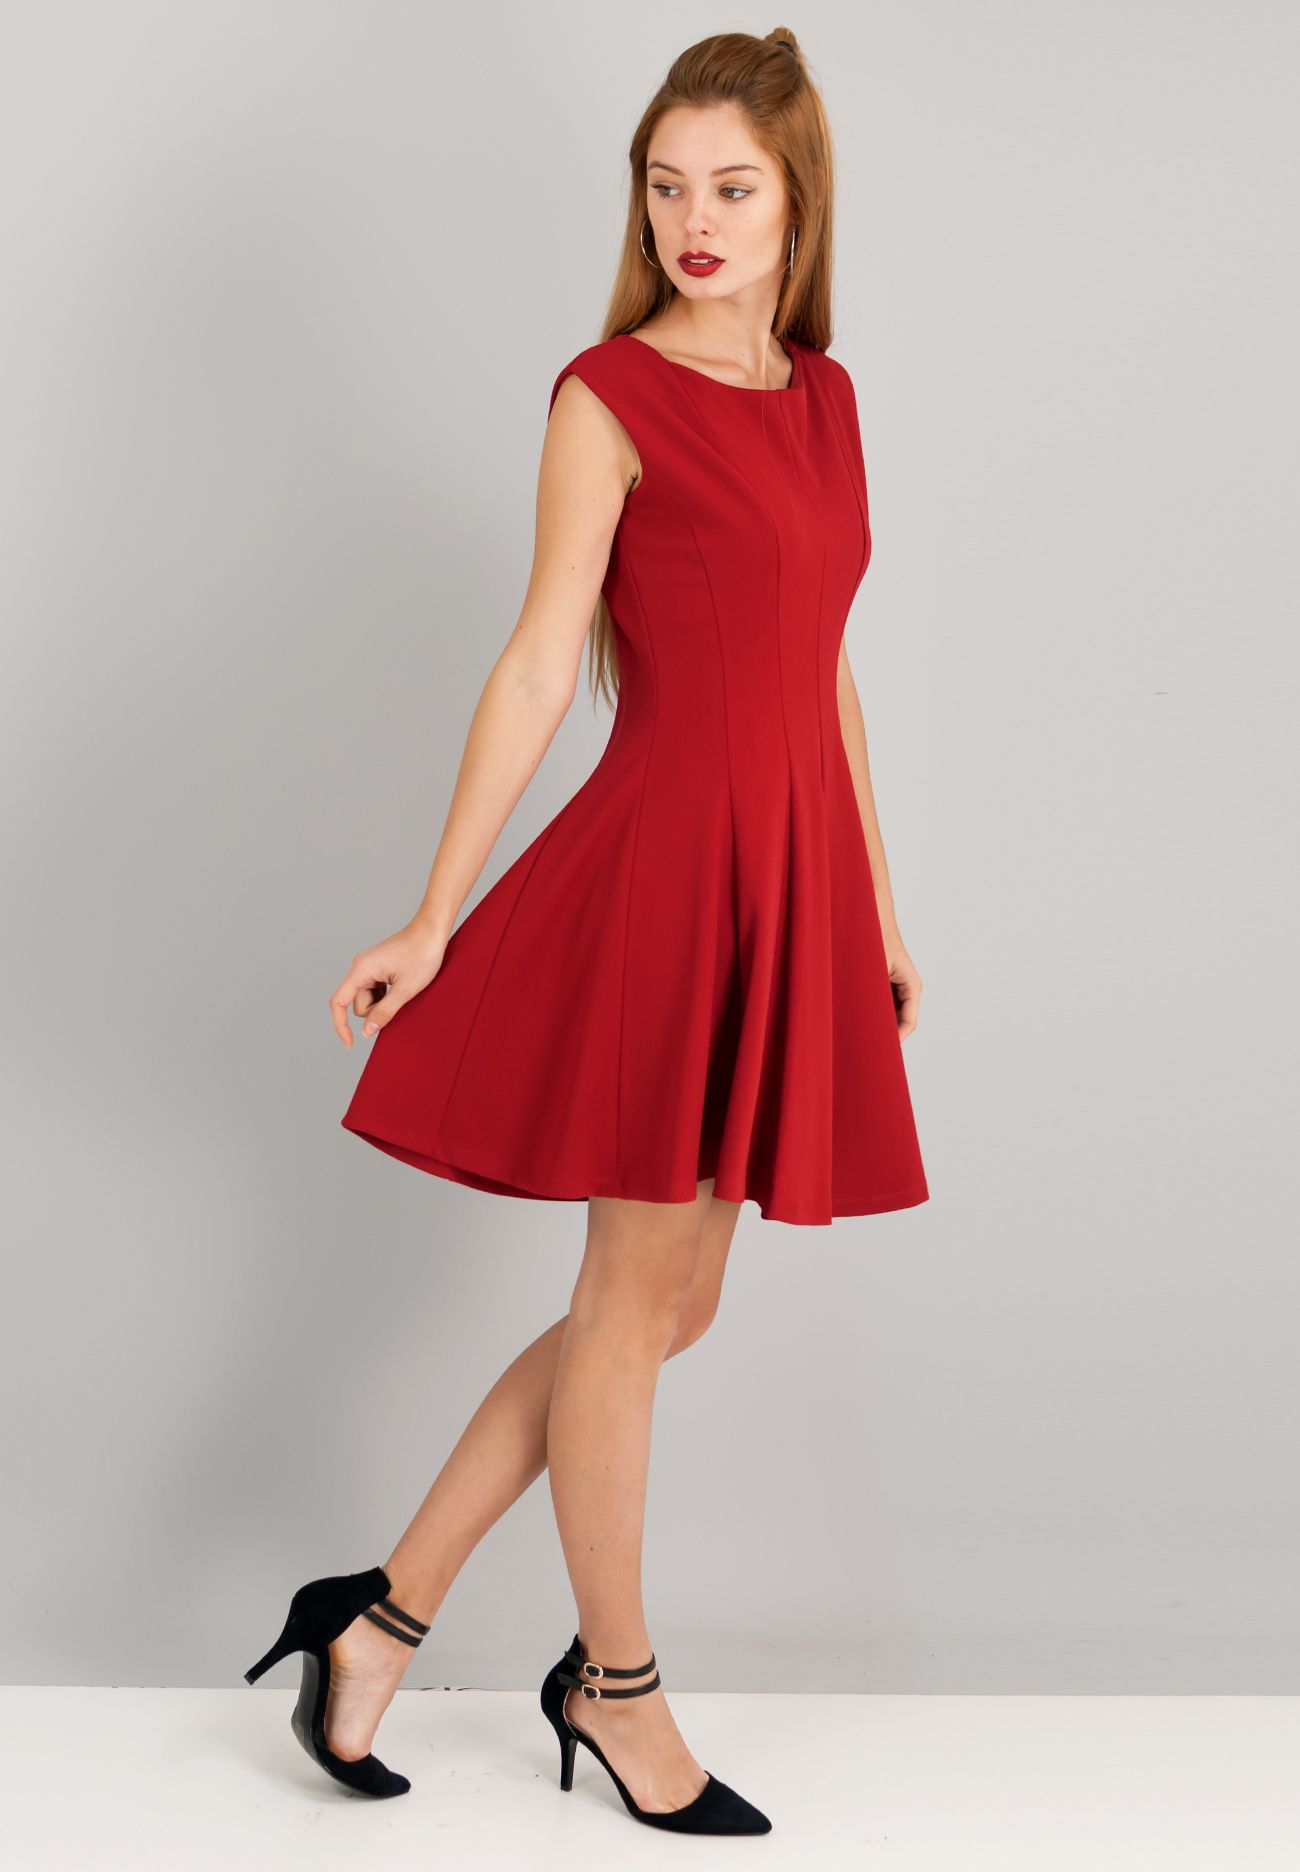 Μονόχρωμο αμάνικο φόρεμα σε γραμμή Α.  2b4cba255dc